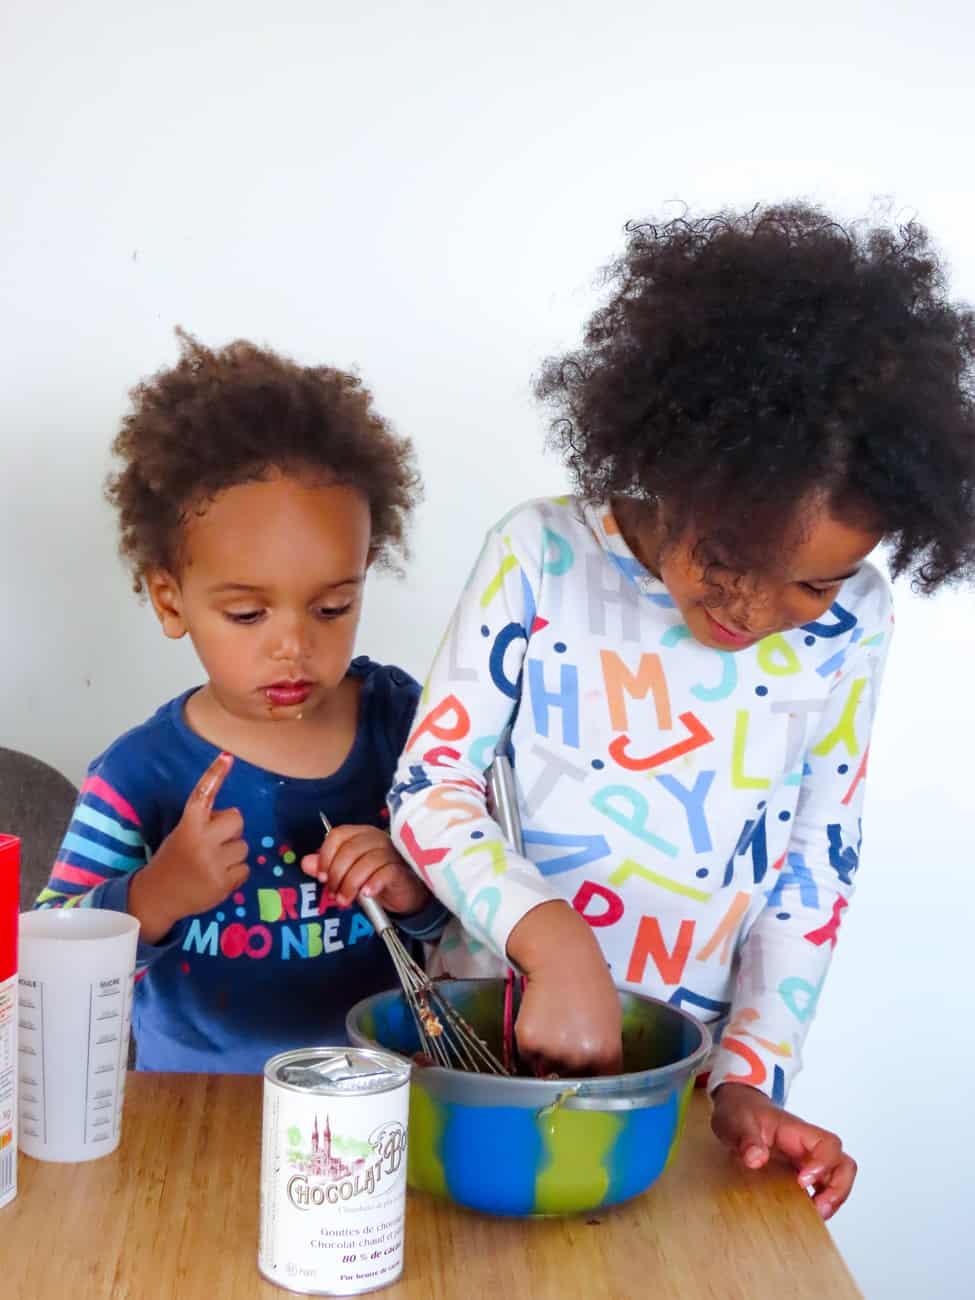 cuisiner-avec-enfants-recettes-18